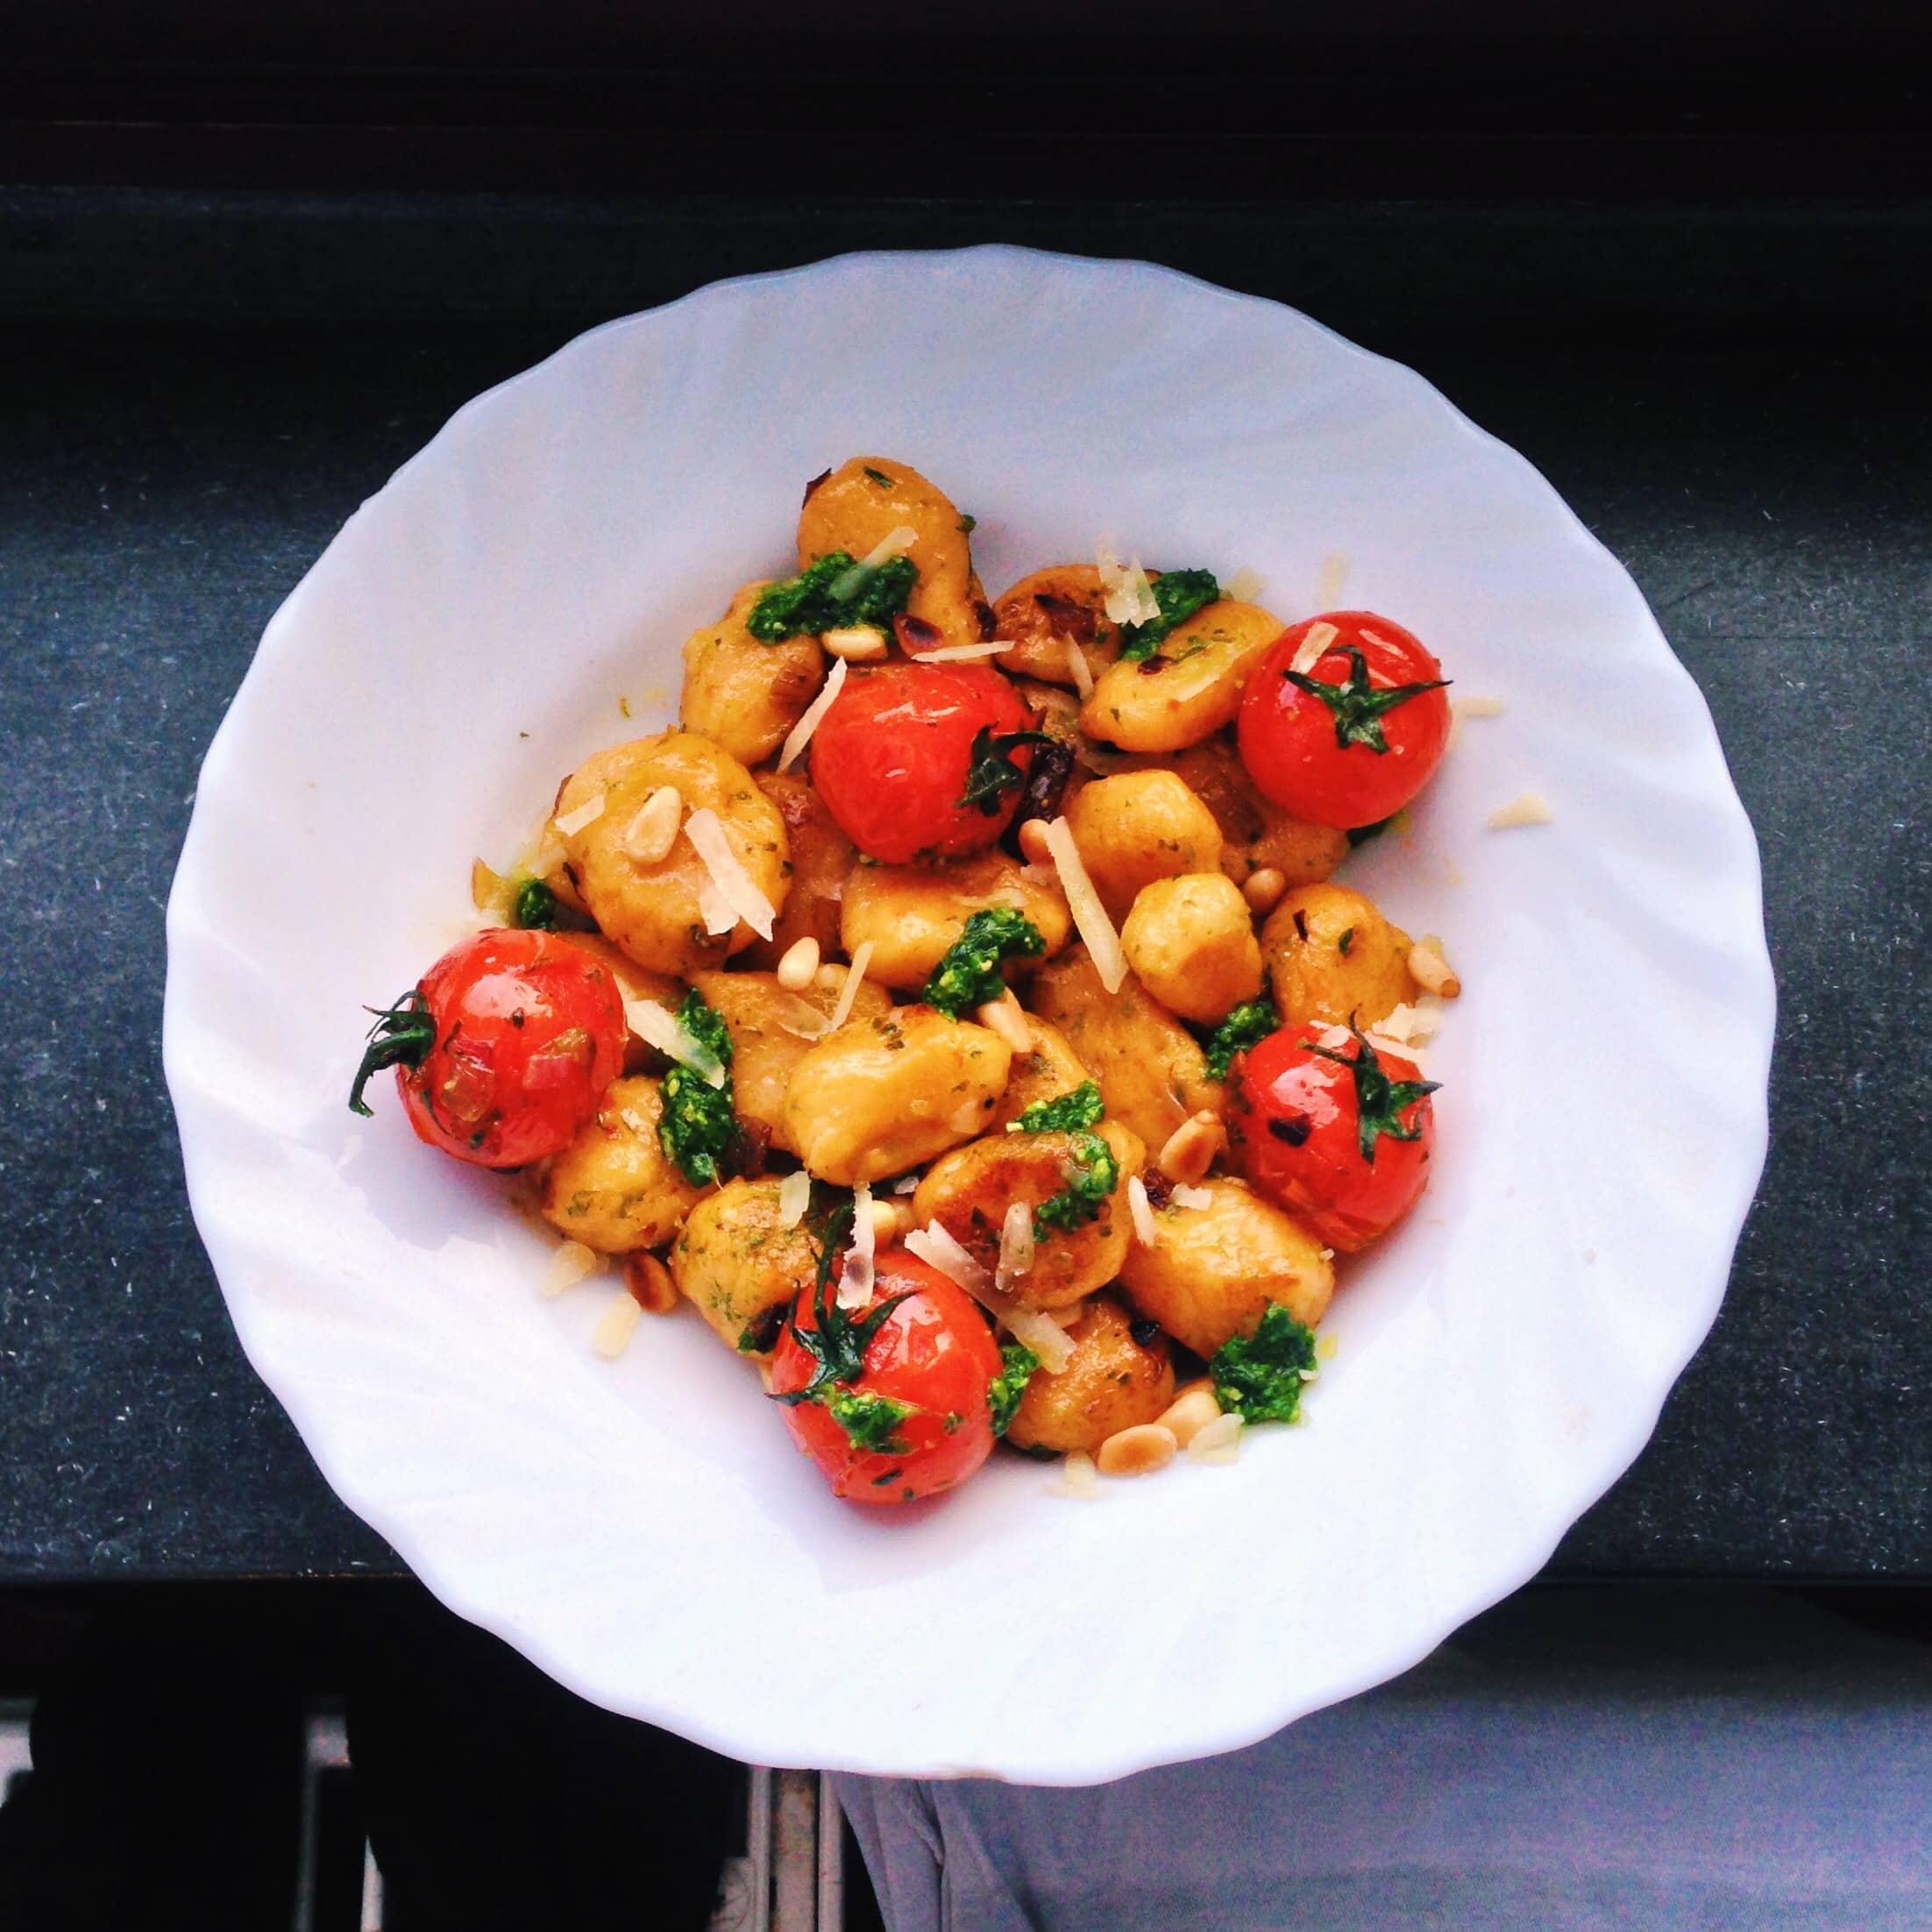 Suesskartoffel Gnocchi & Baerlauchpesto